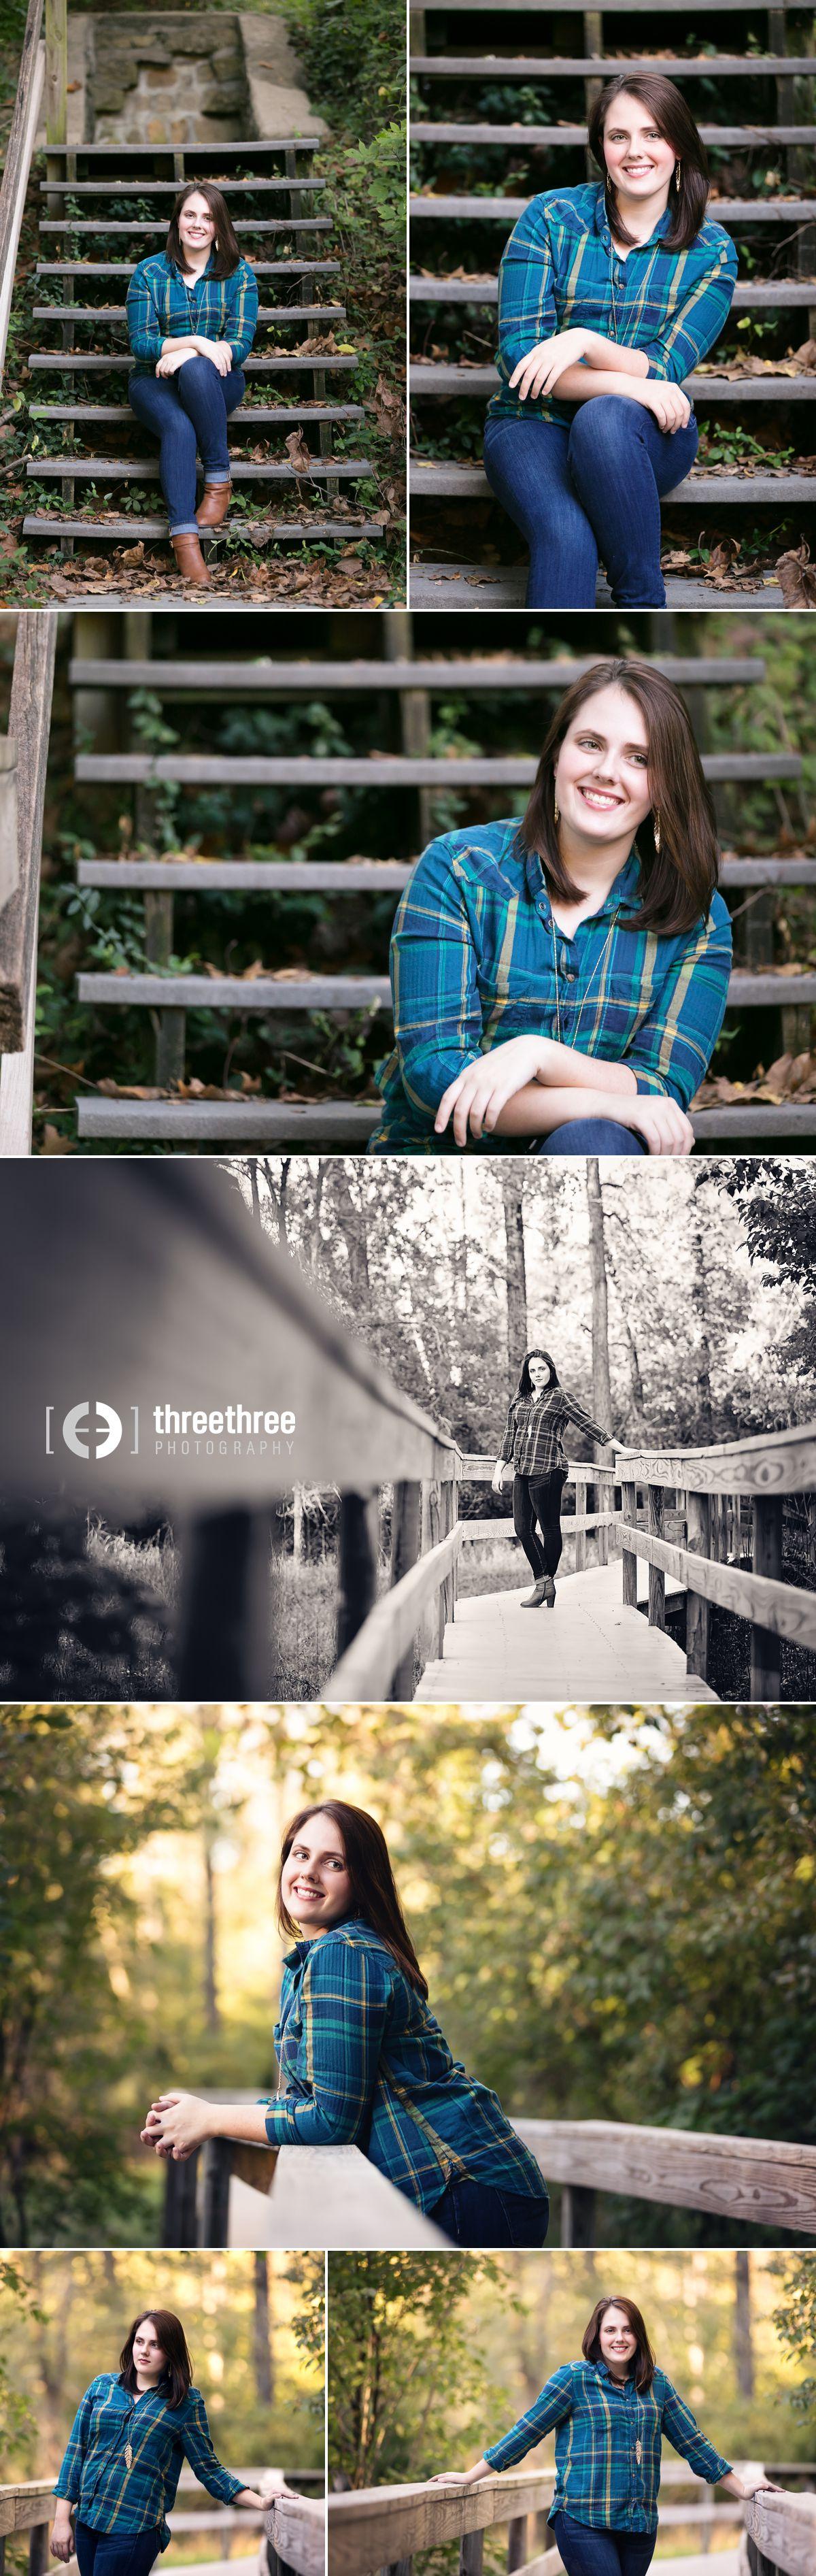 Lauren Blog Post 3.jpg